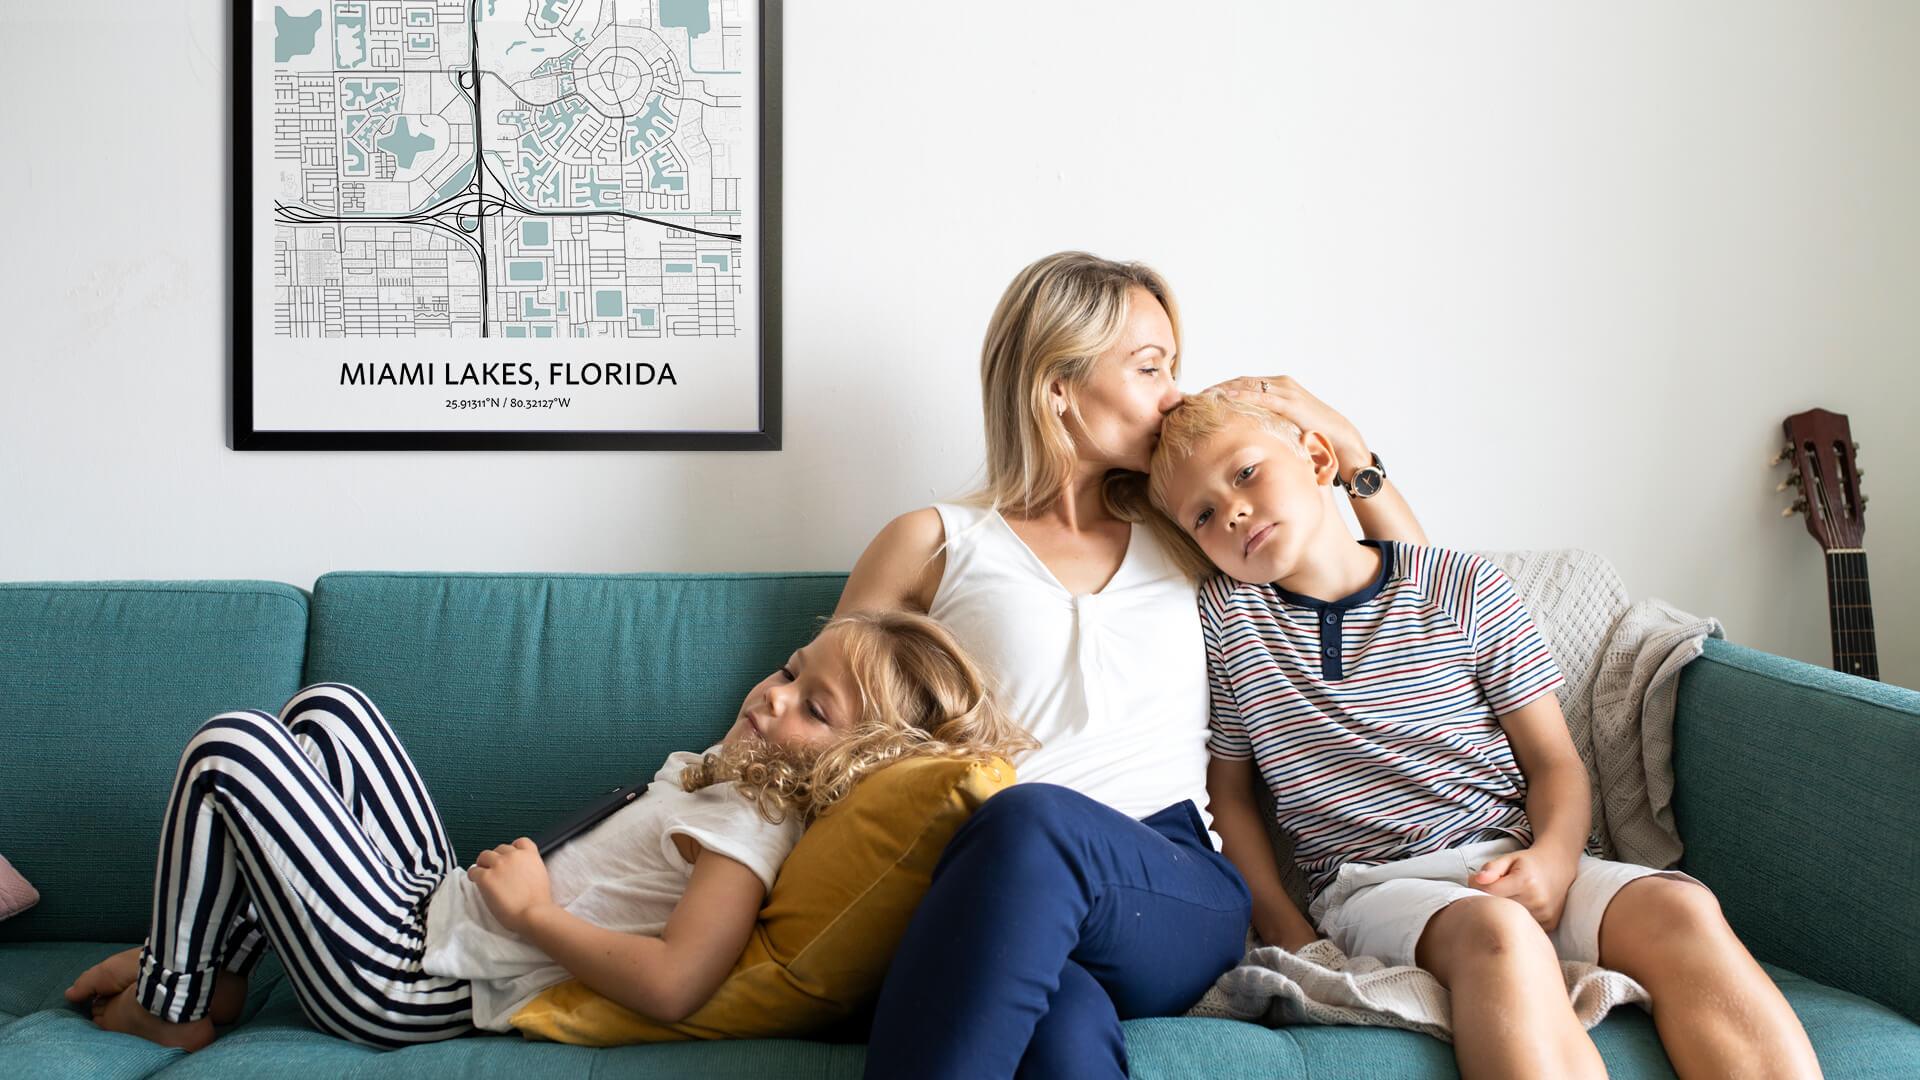 Miami Lakes map poster